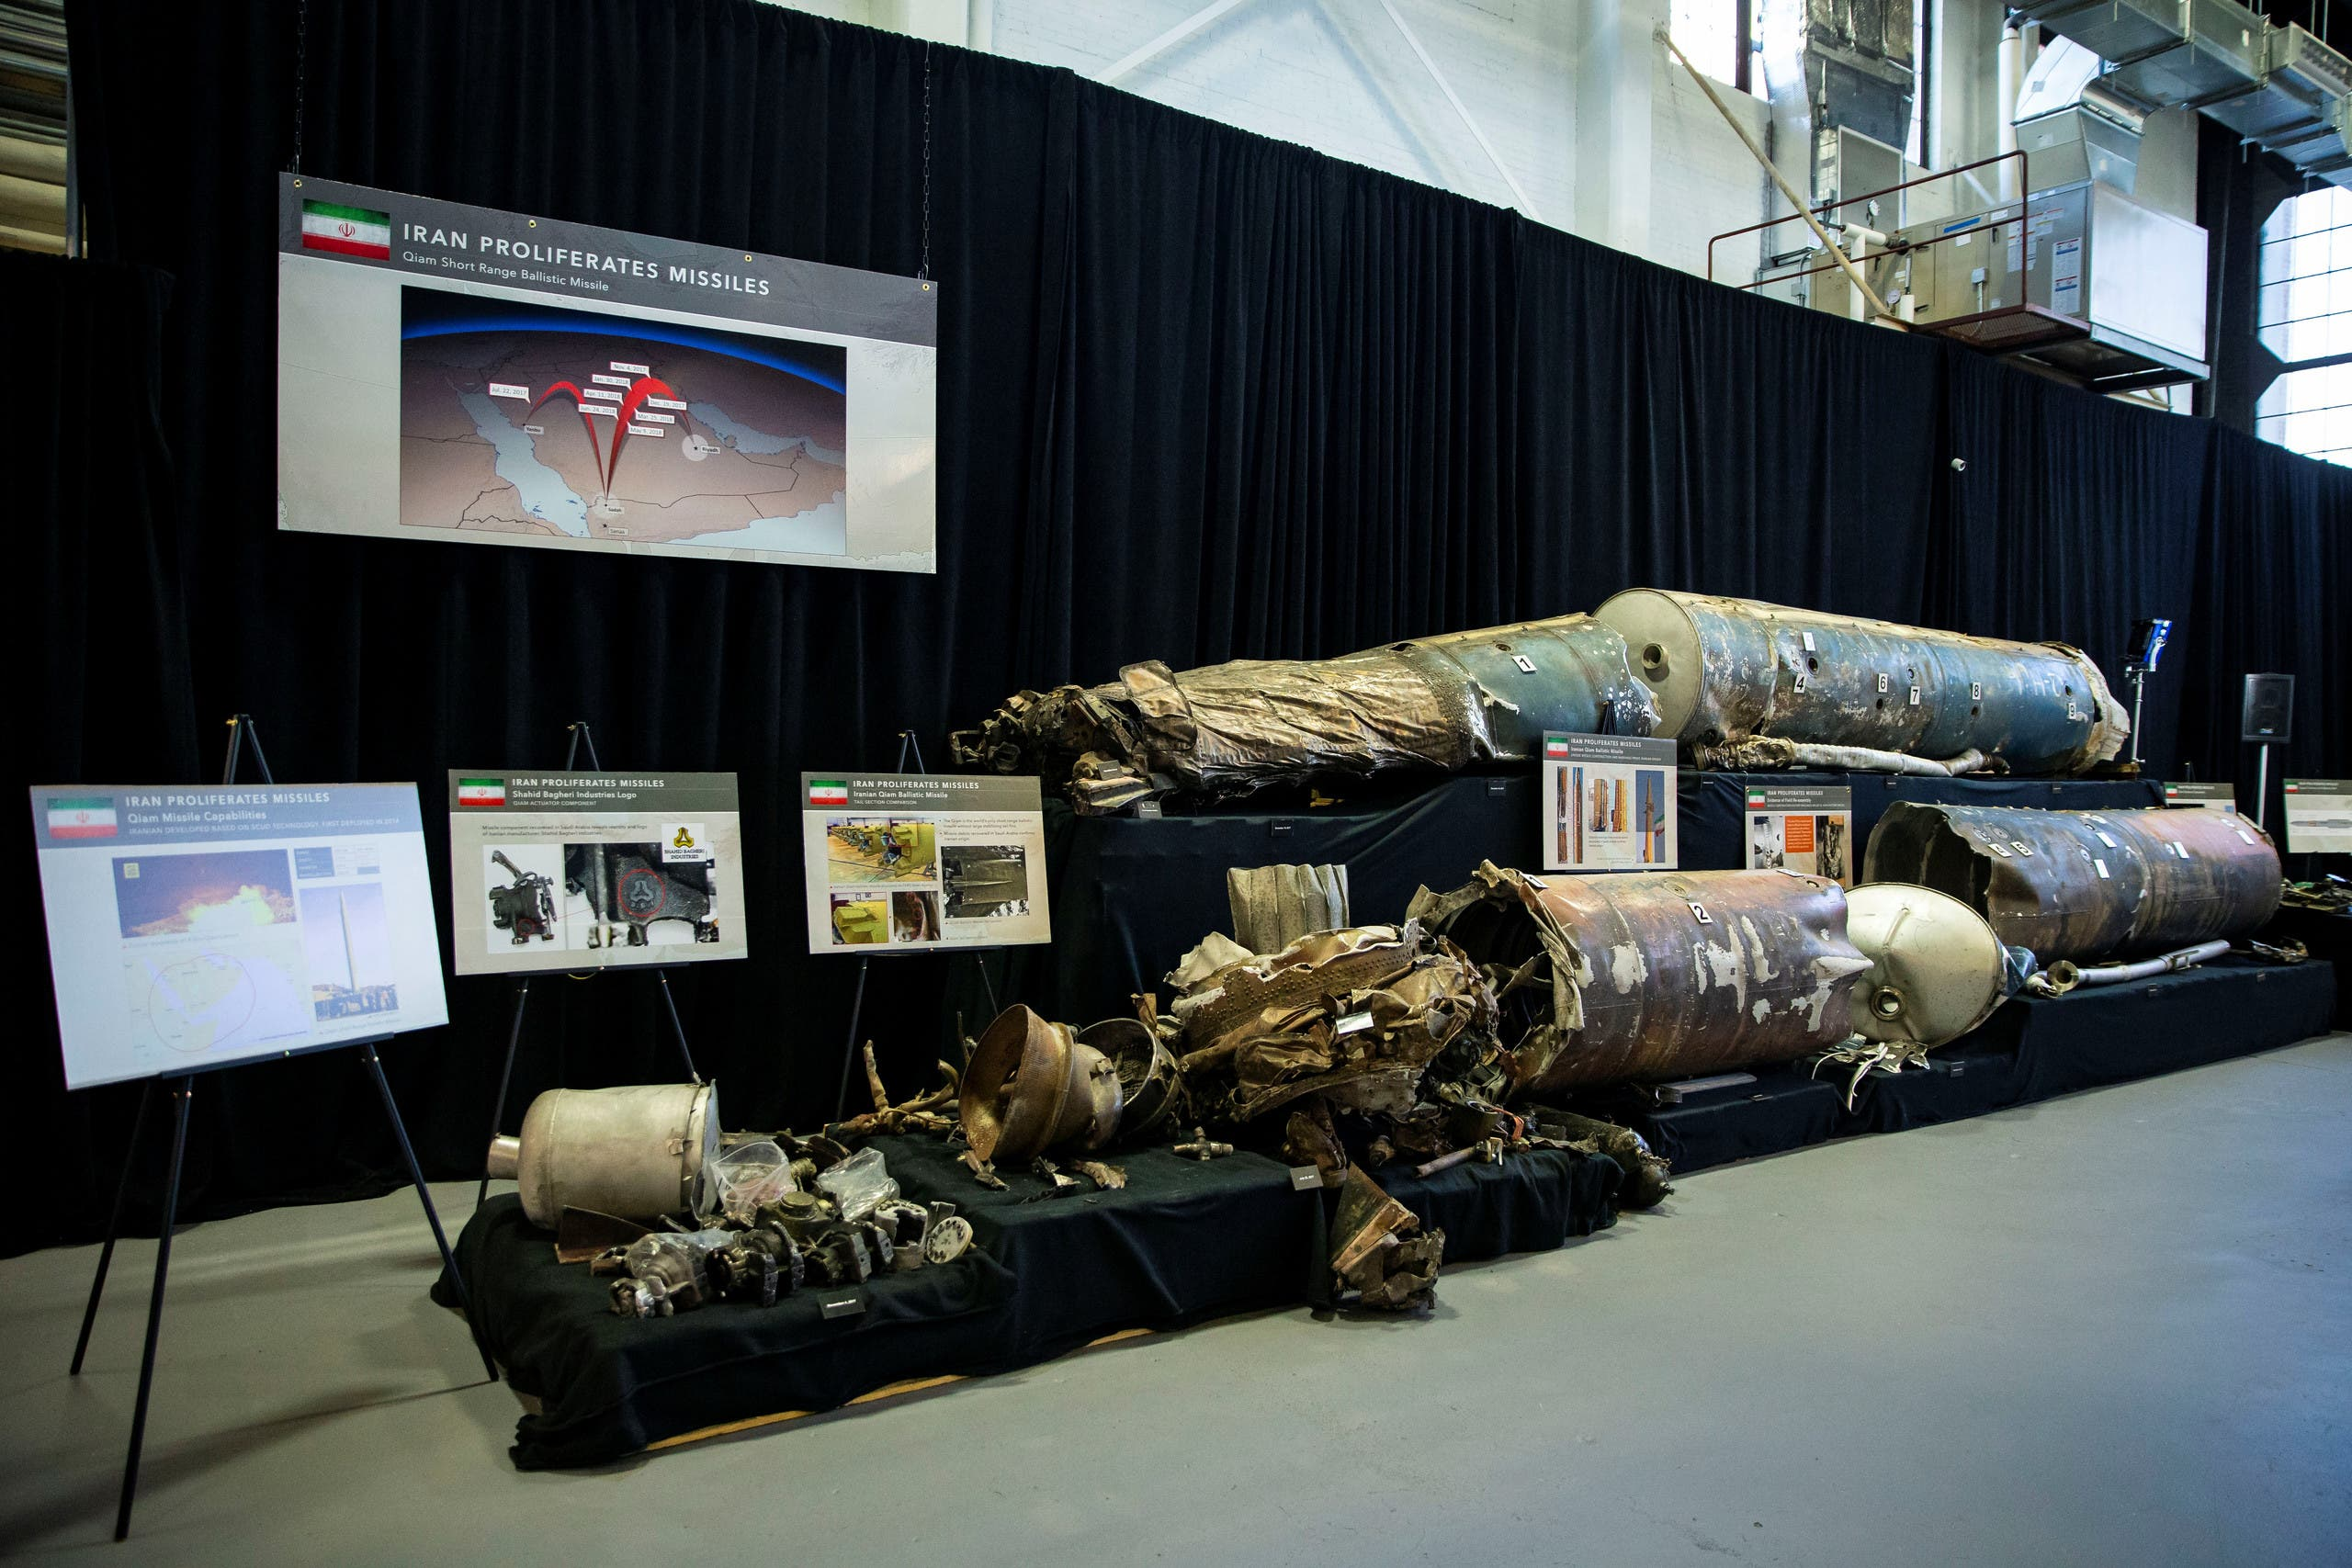 بقايا صواريخ إيرانية باليستية عرضت في واشنطن عام 2018 (أرشيفية- رويترز)